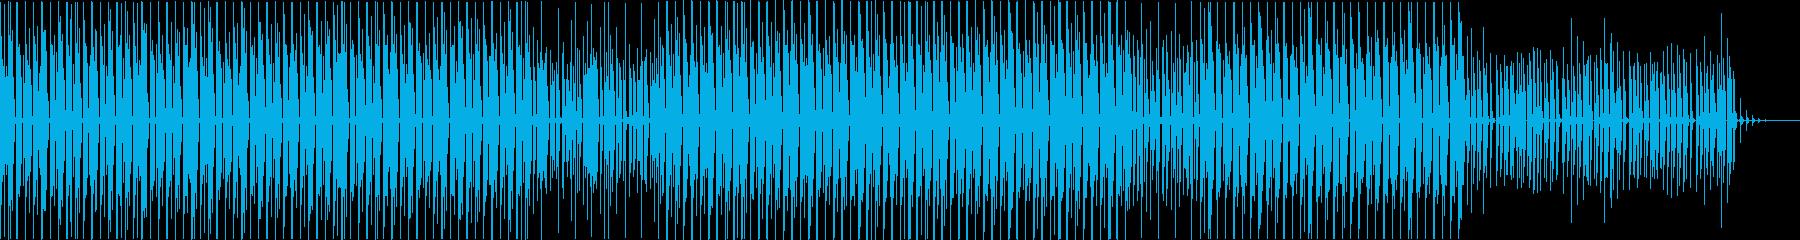 Fold Featherの再生済みの波形